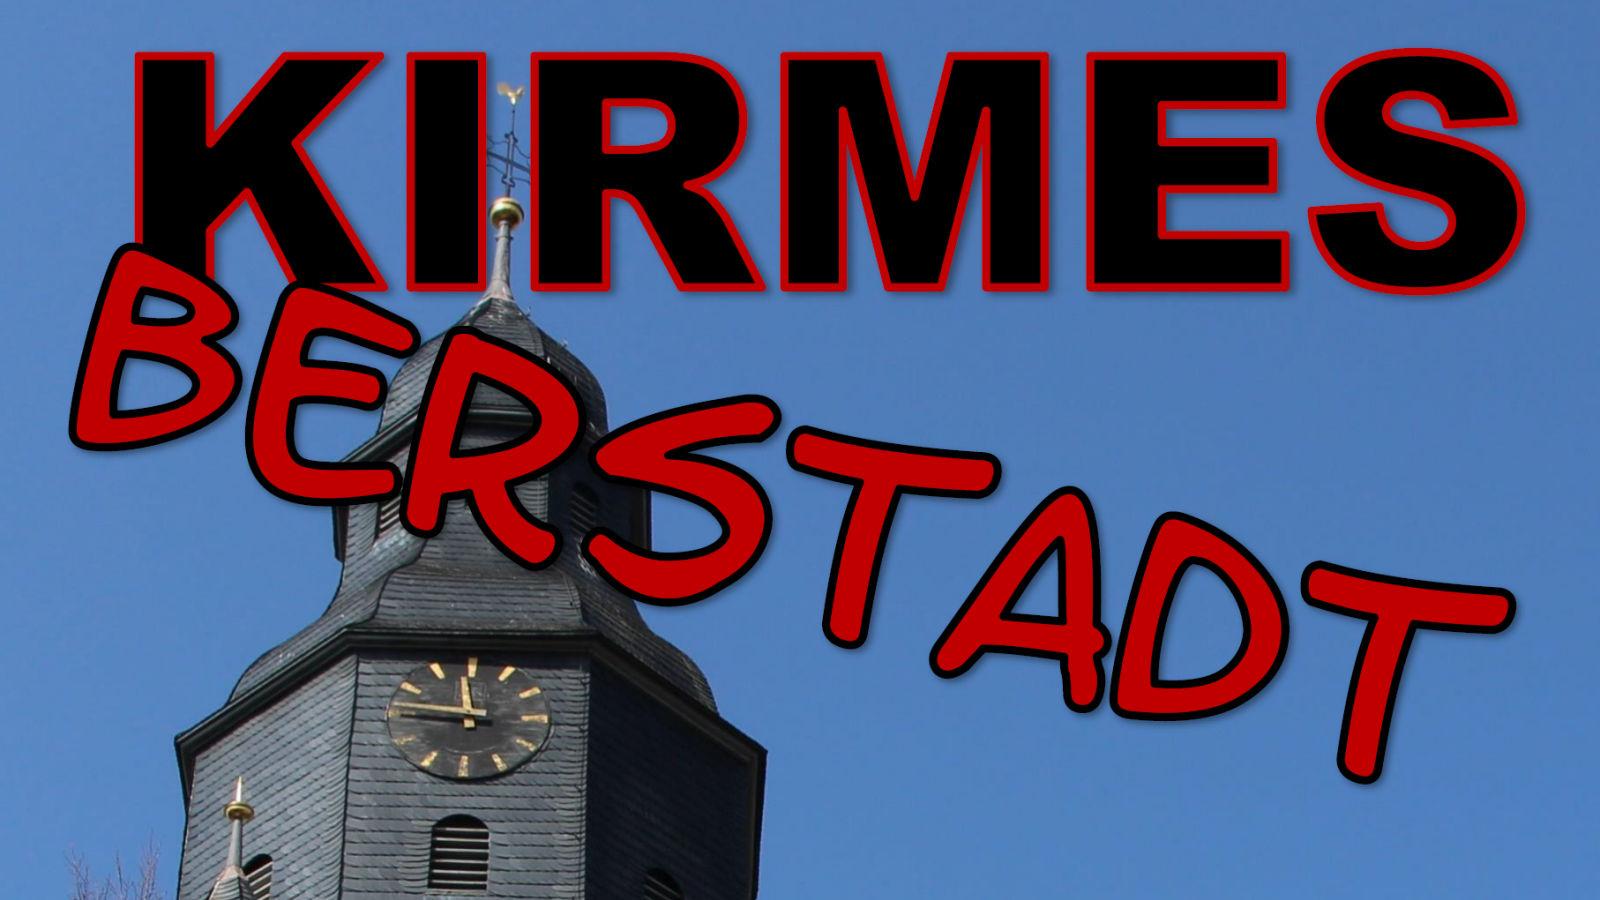 Kirmes in Berstadt